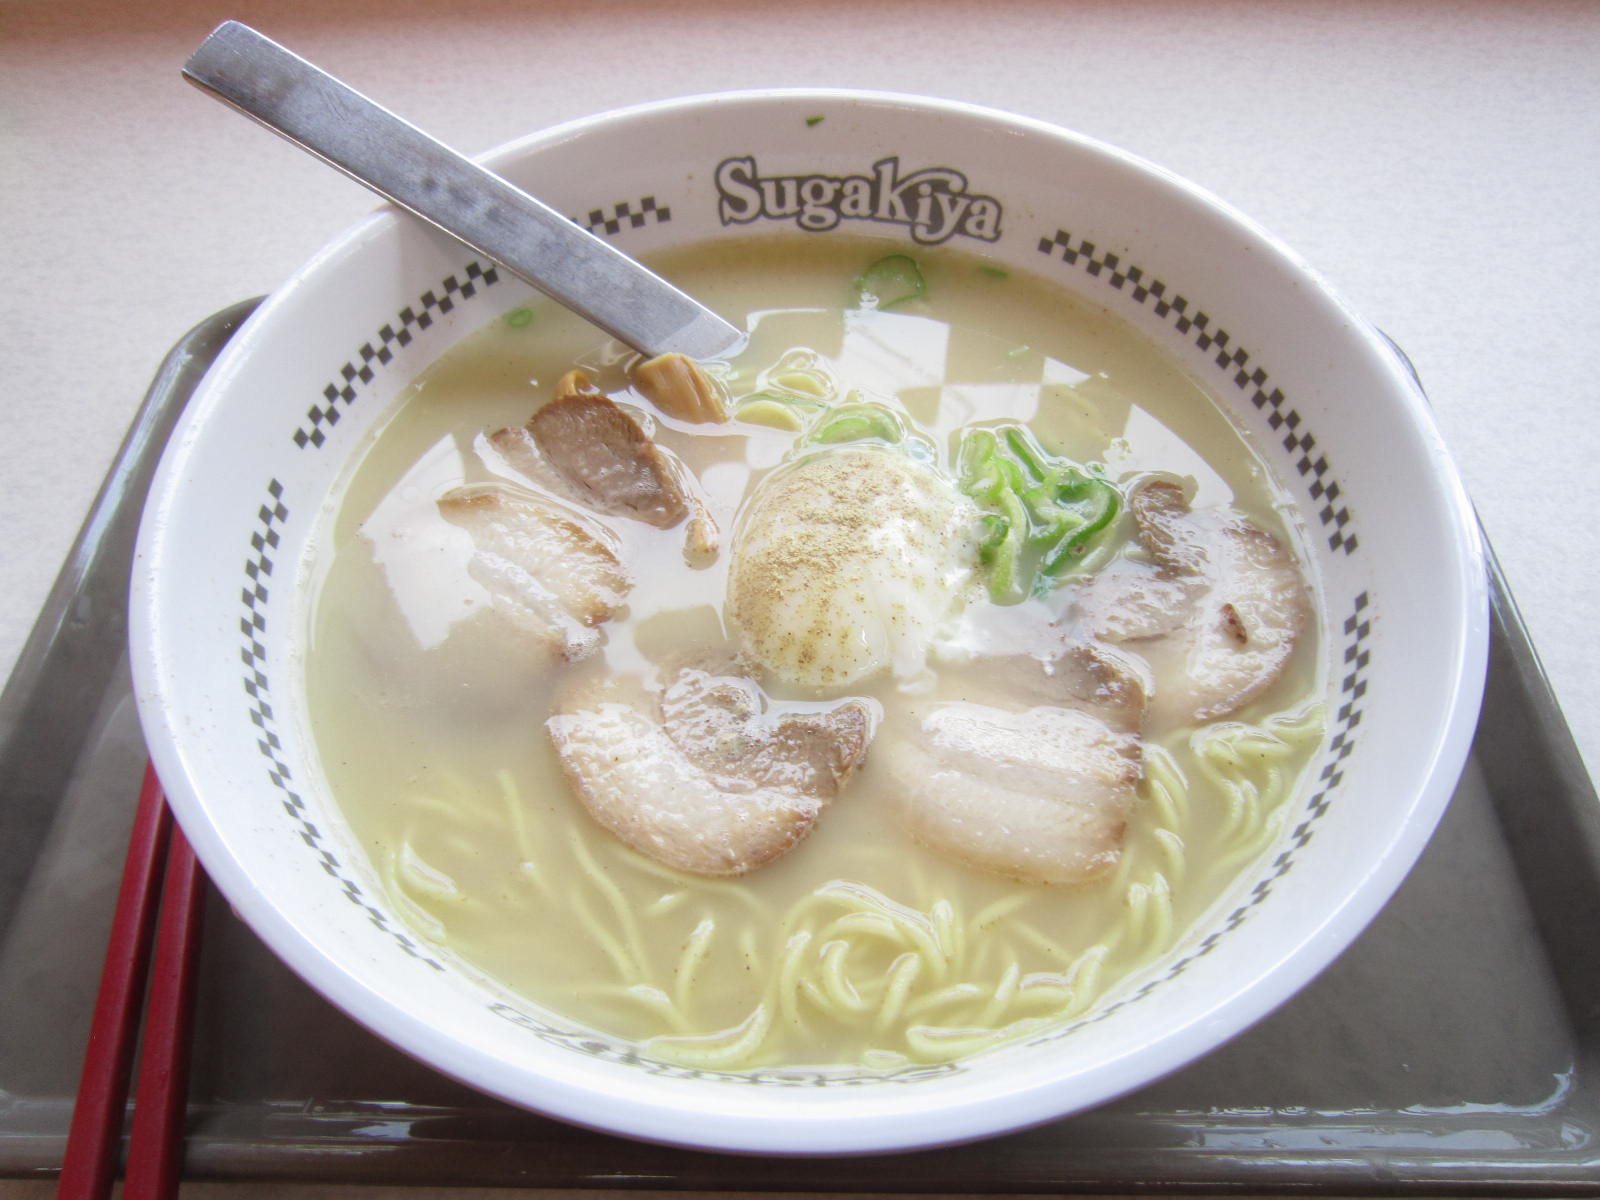 難しい「名古屋飯」話し_a0124393_14524661.jpg